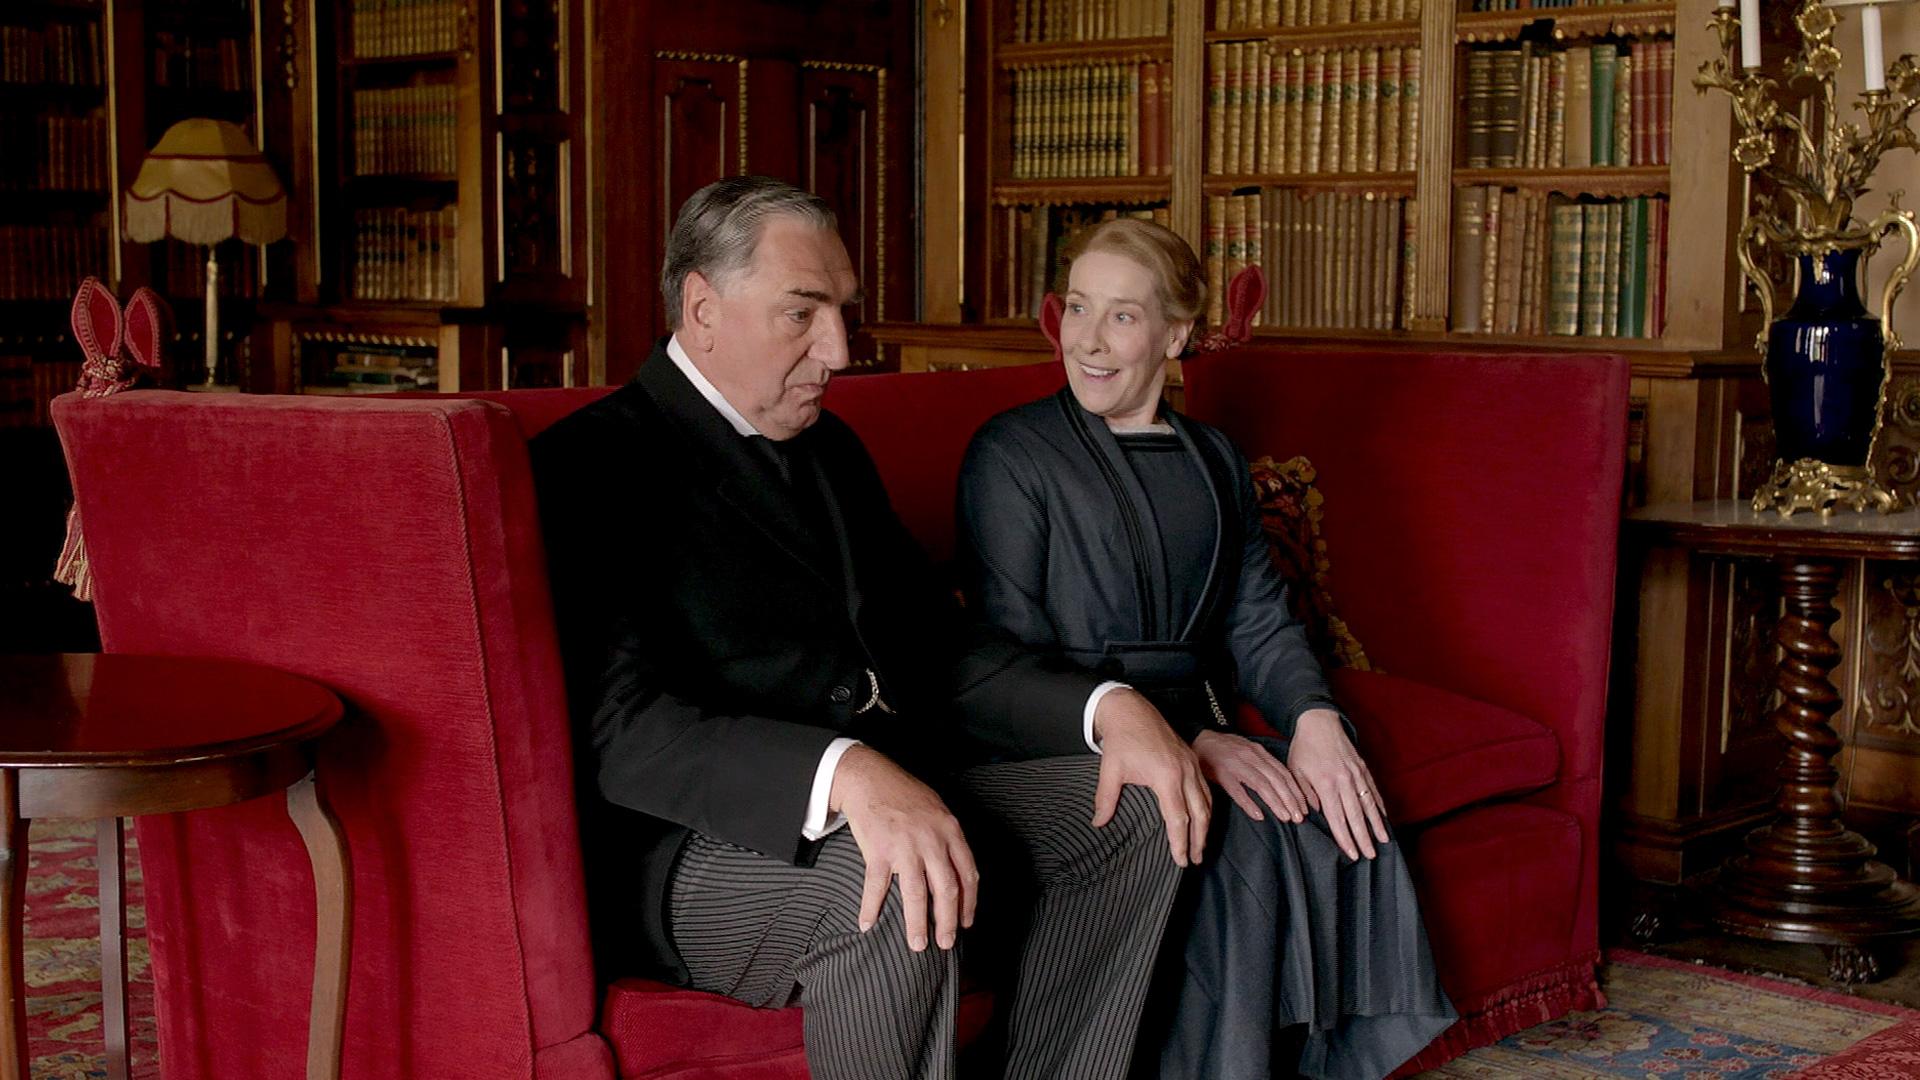 Downton Abbey: Romance in Season 6 | Season 6 | Downton ...